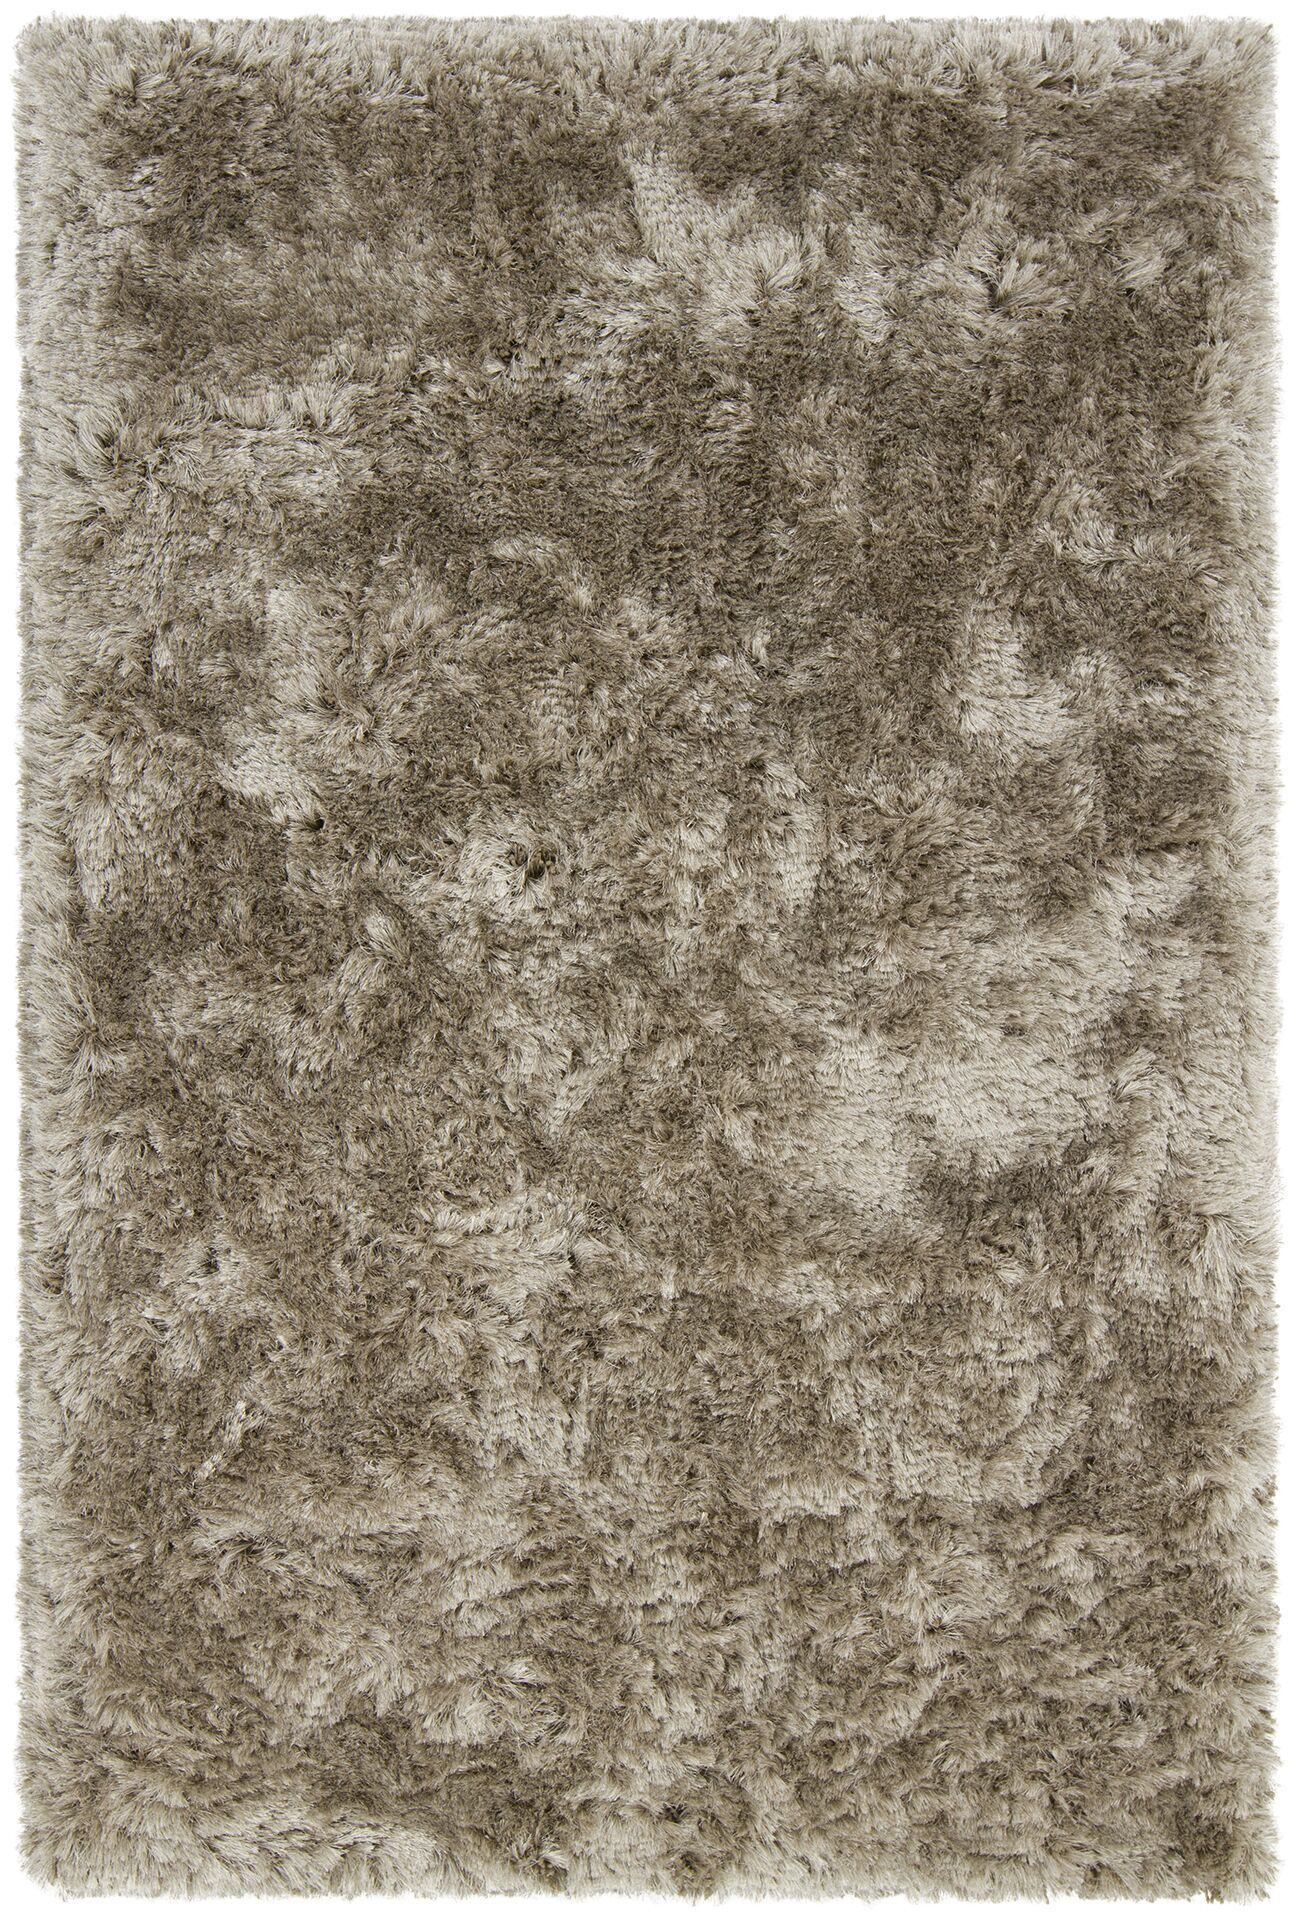 Joellen Brown Area Rug Rug Size: Rectangle 5' x 7'6